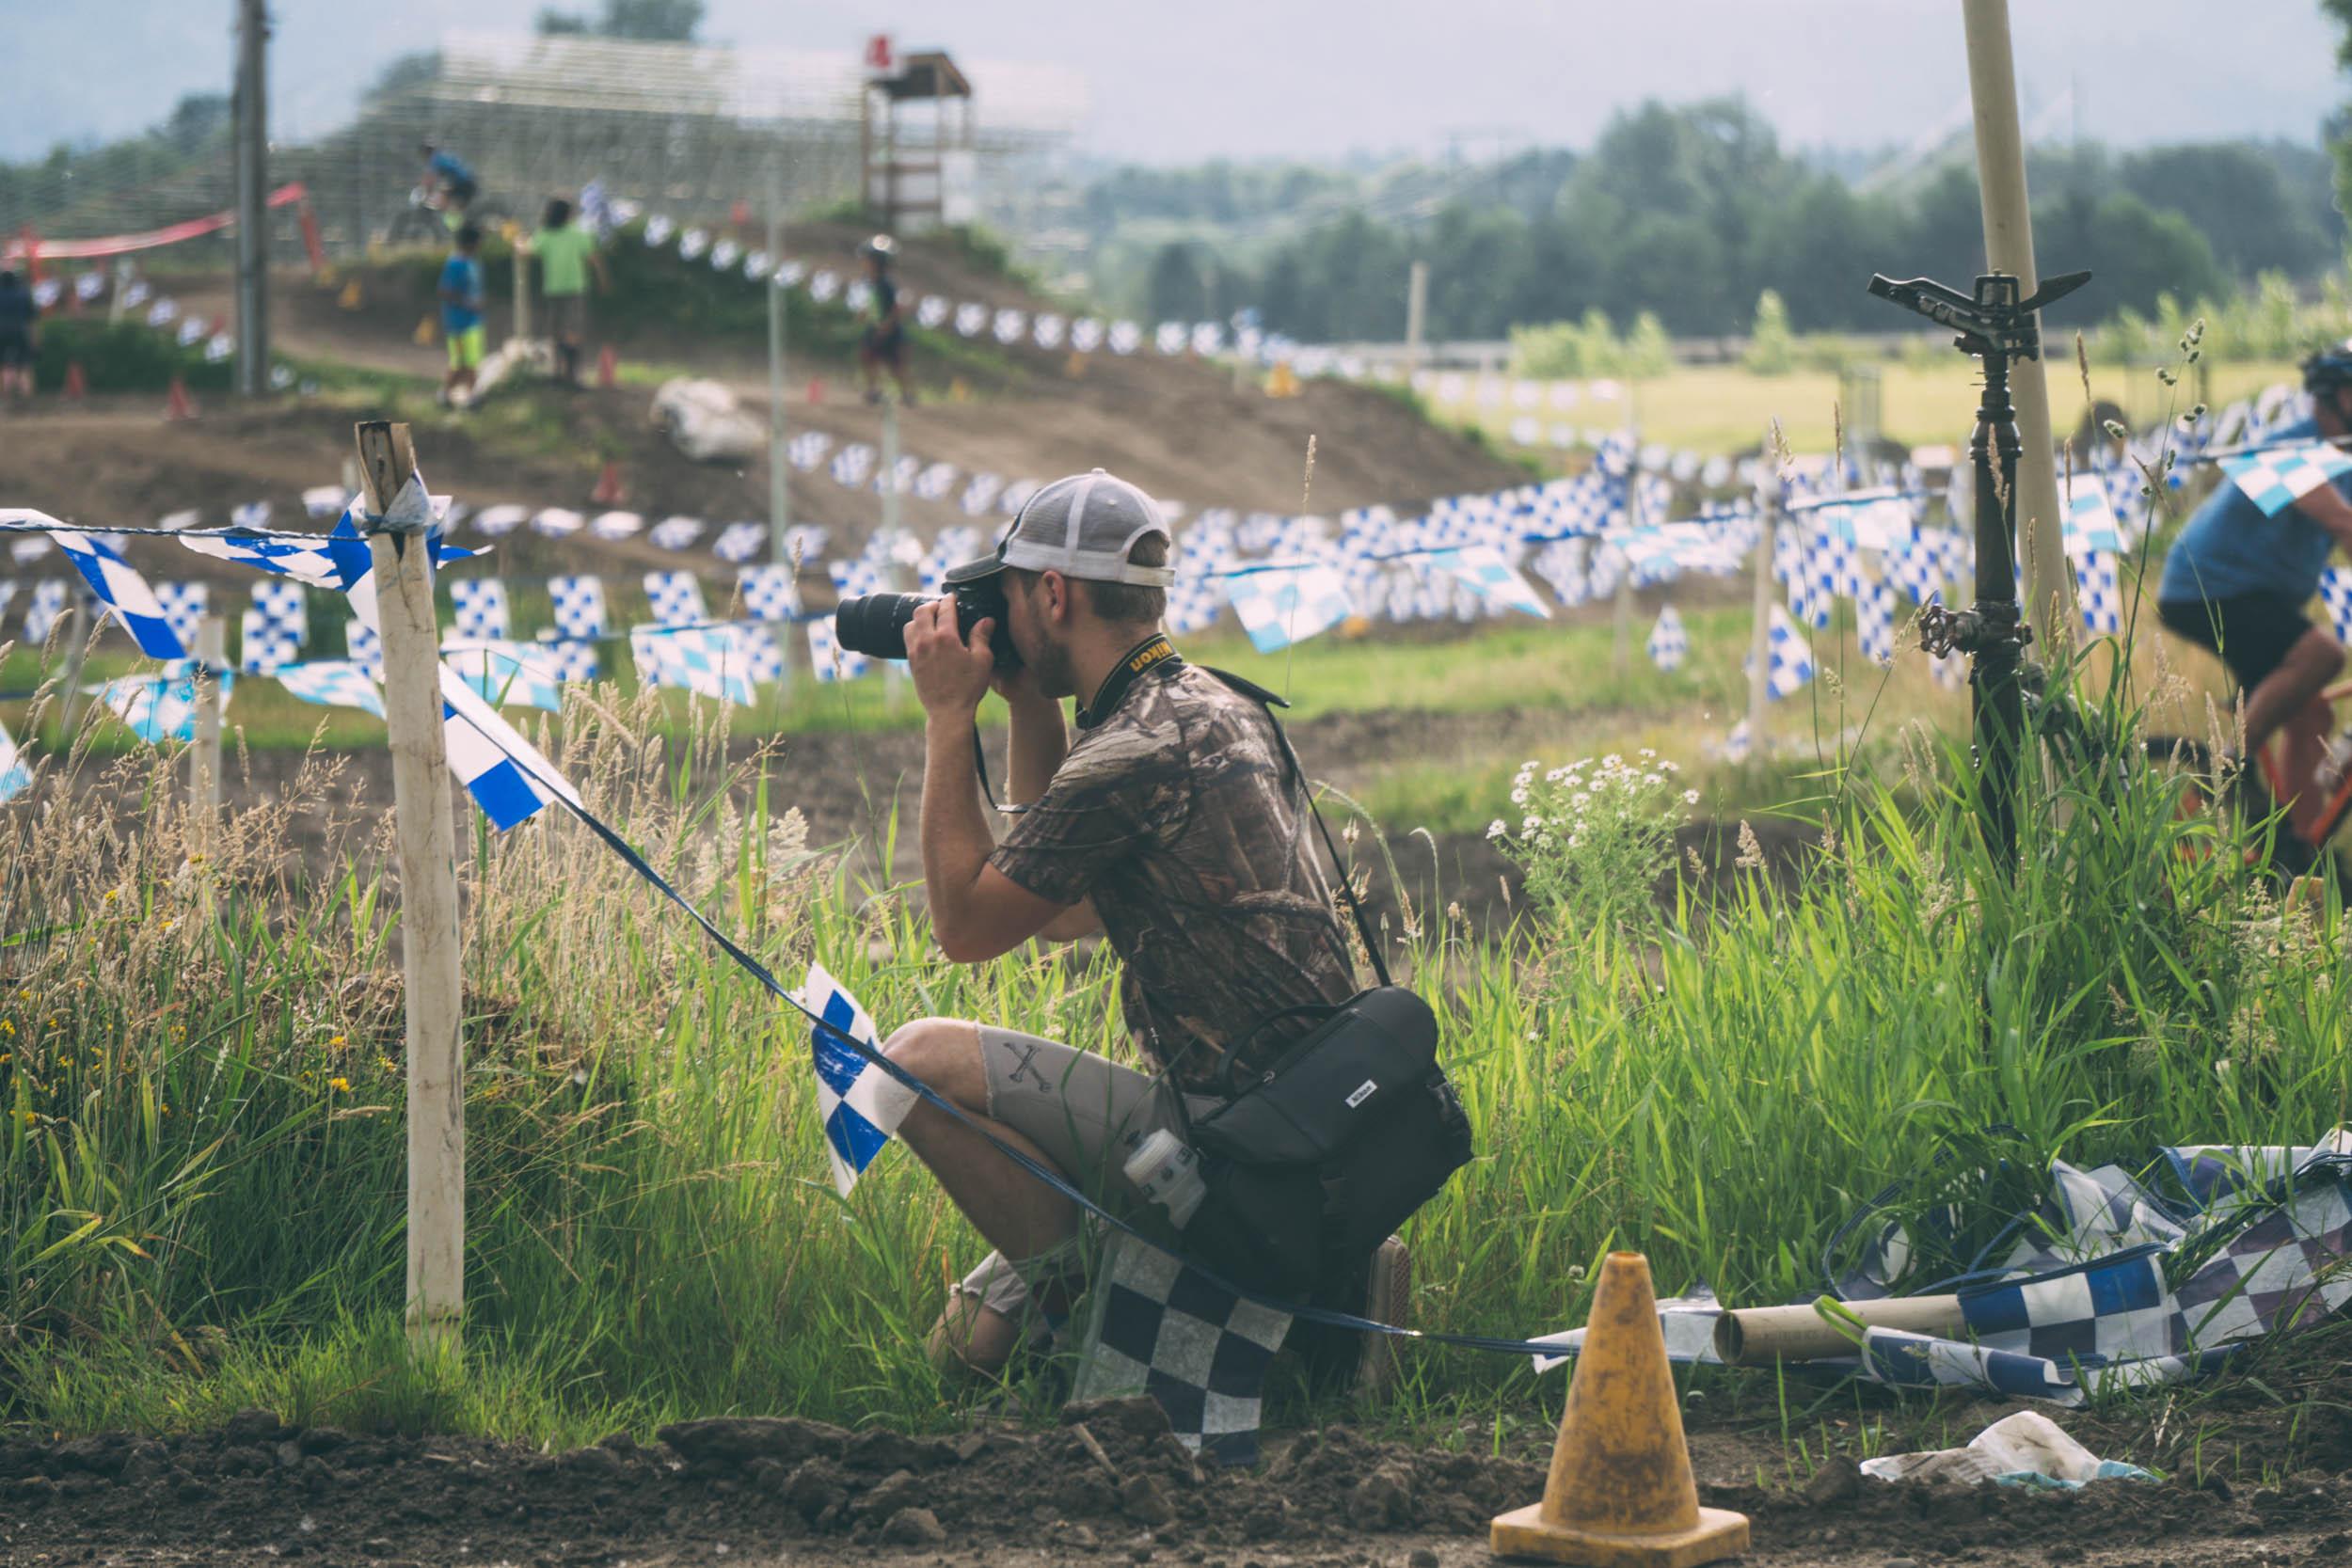 Short_Track_Race3_15.jpg